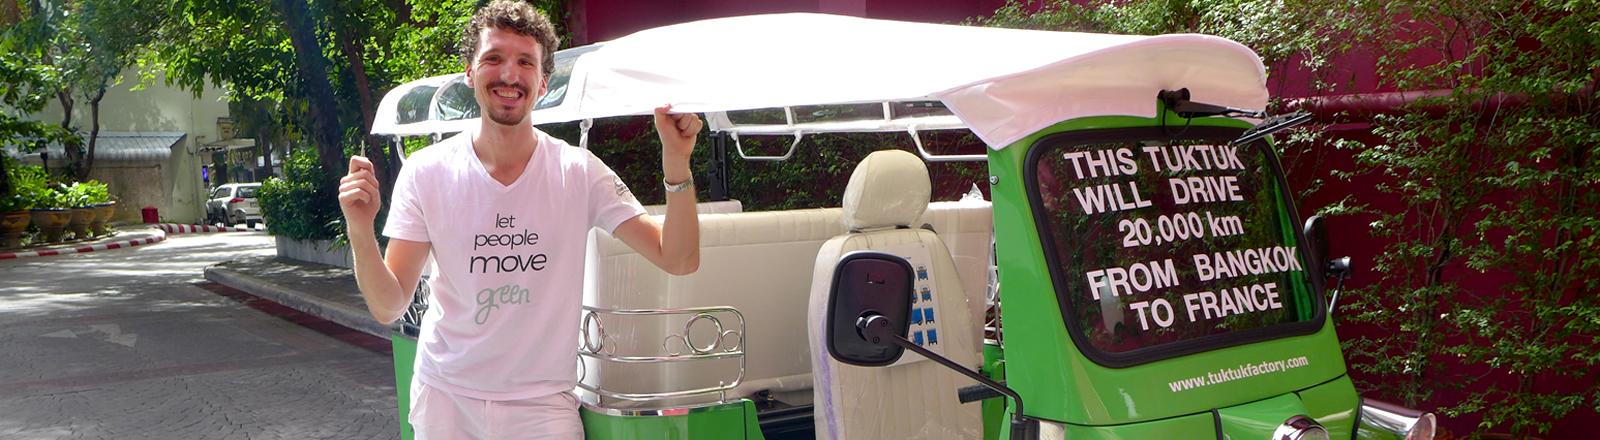 Ludwig Merz vor seinem E-Tuktuk